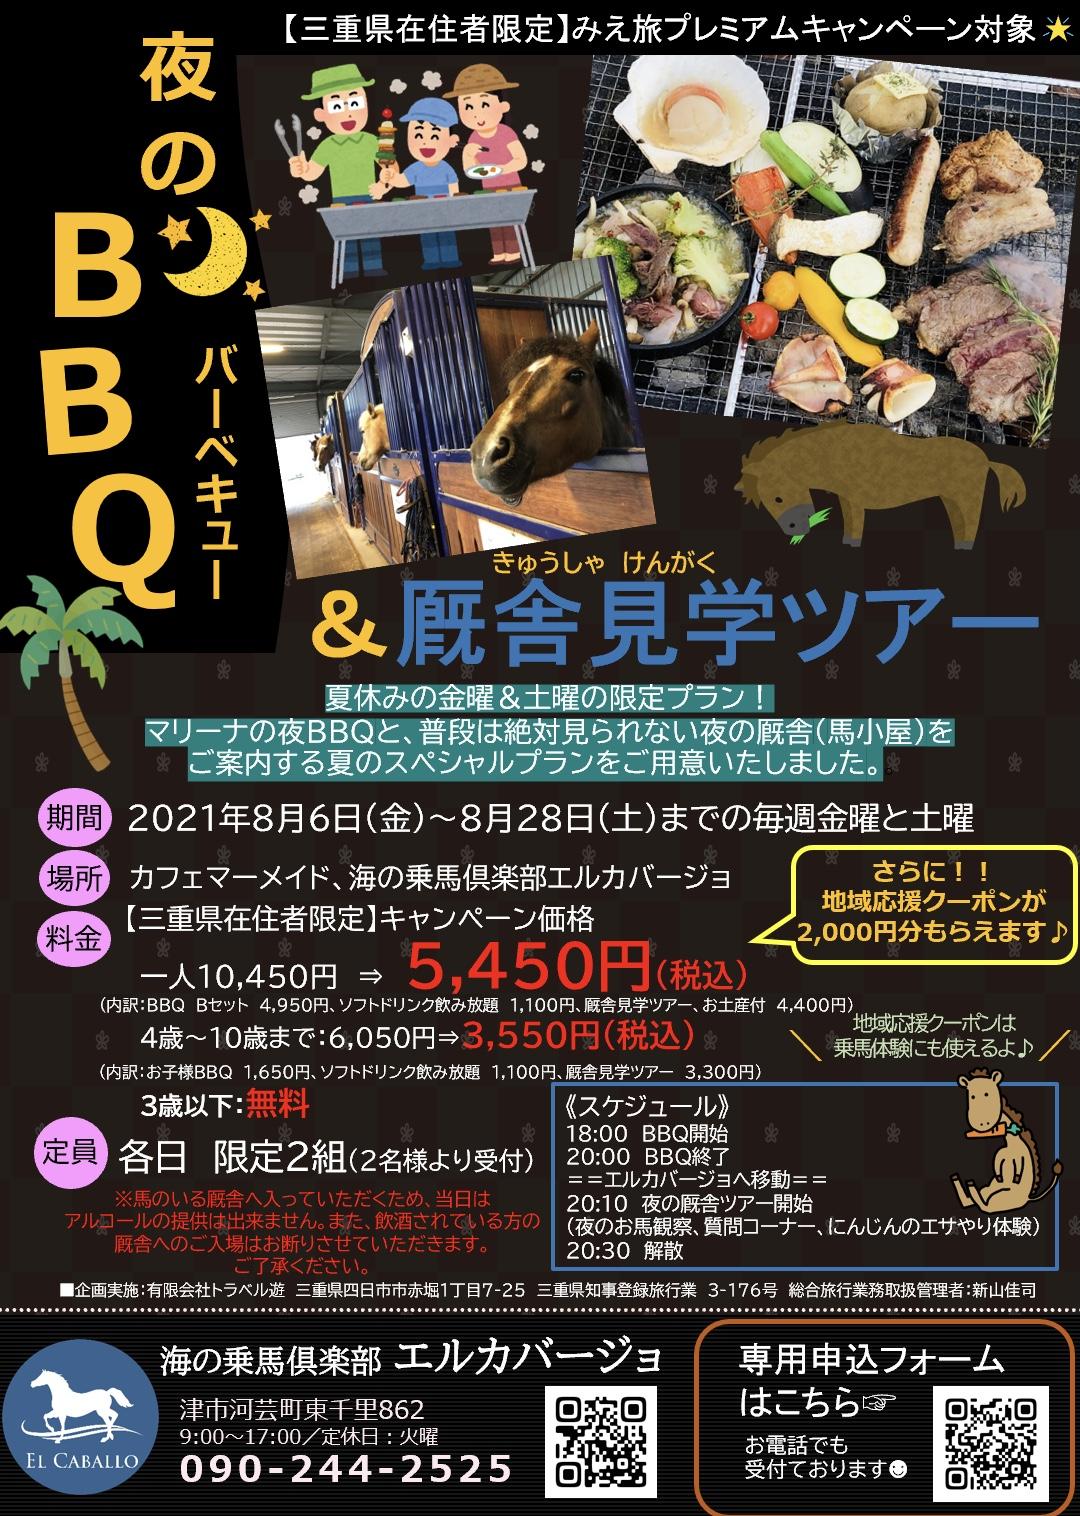 夜BBQ&厩舎見学ツアー